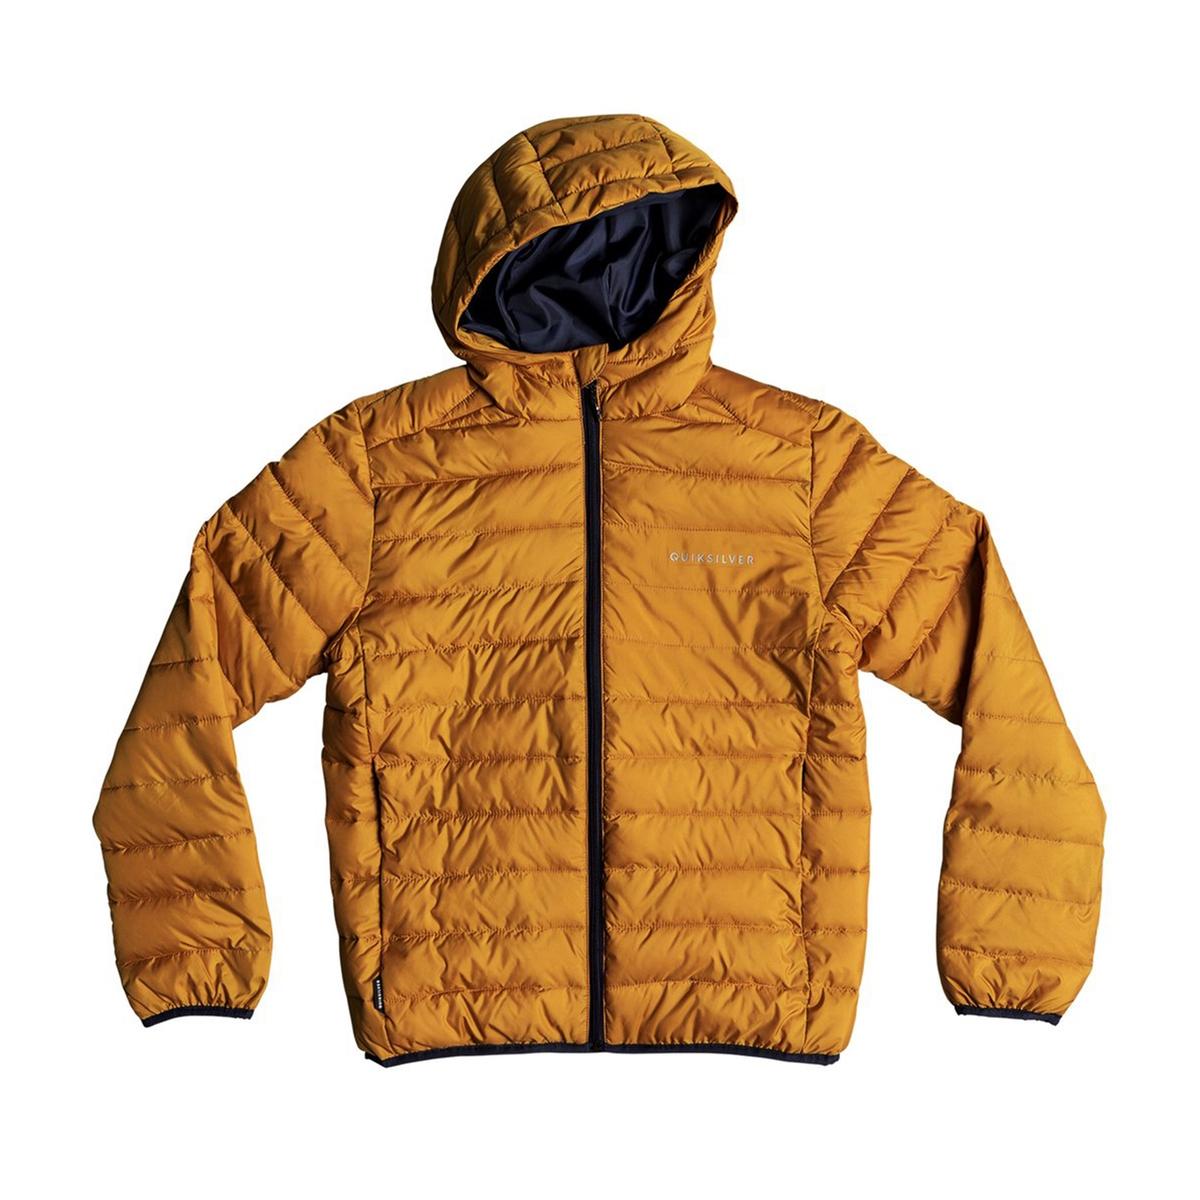 Куртка стеганая, 8-16 лет куртка укороченная большого размера демисезонная модель